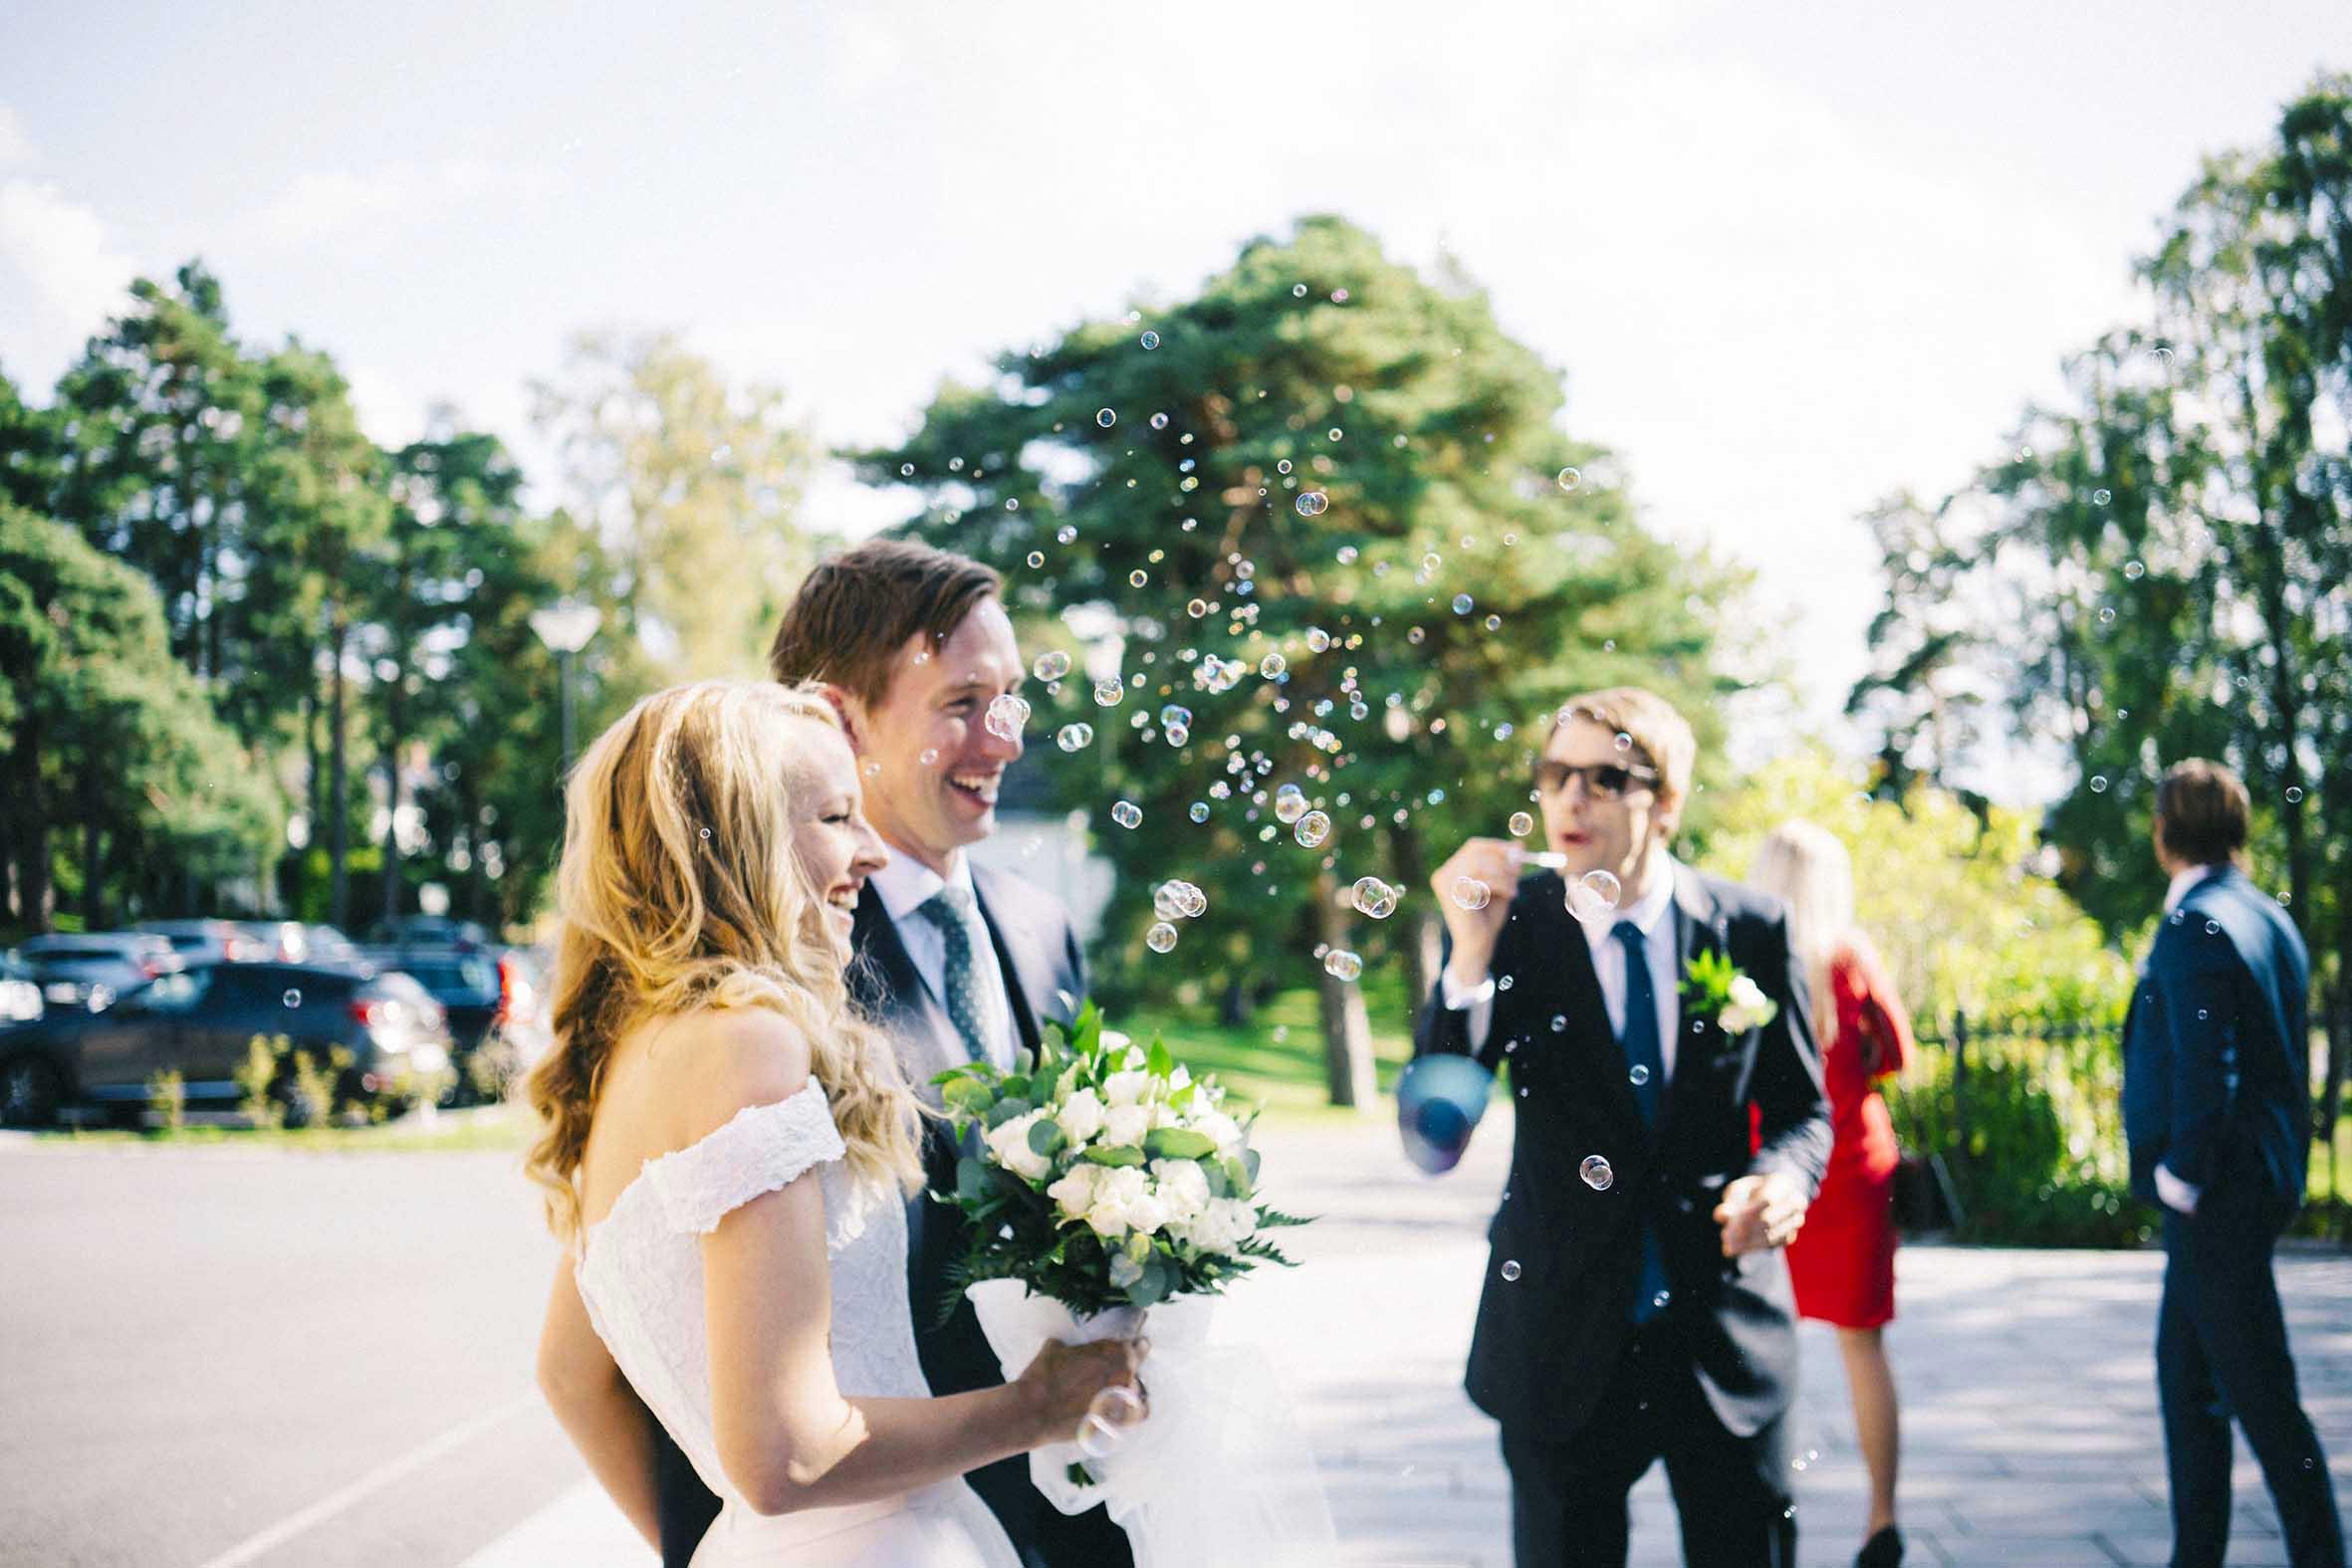 Såpebobler blåses på den nye paret bryllupsfotografering fra Ekeberg